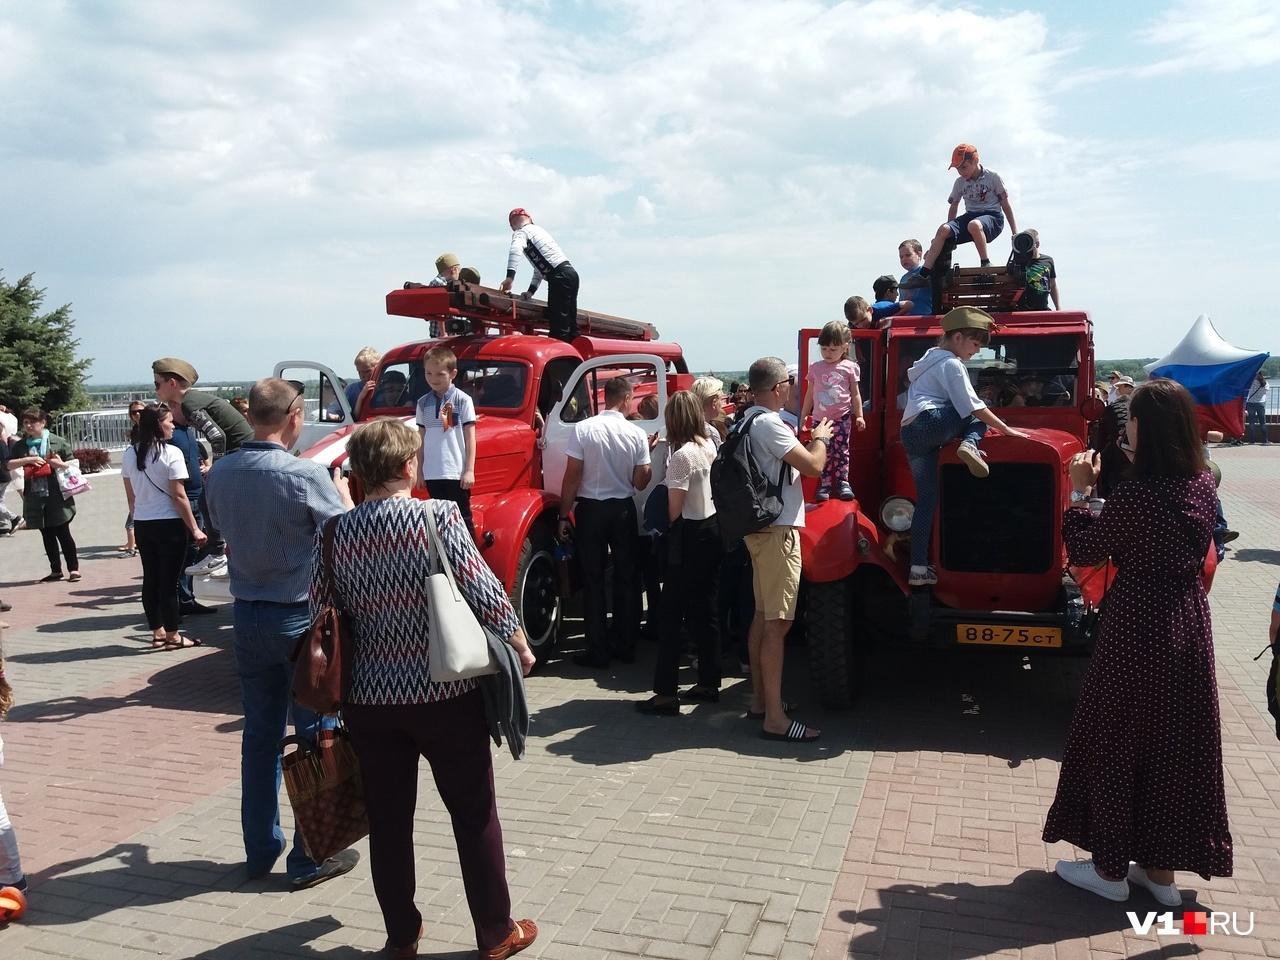 Старинные пожарные машины пользуются большой популярностью у детворы